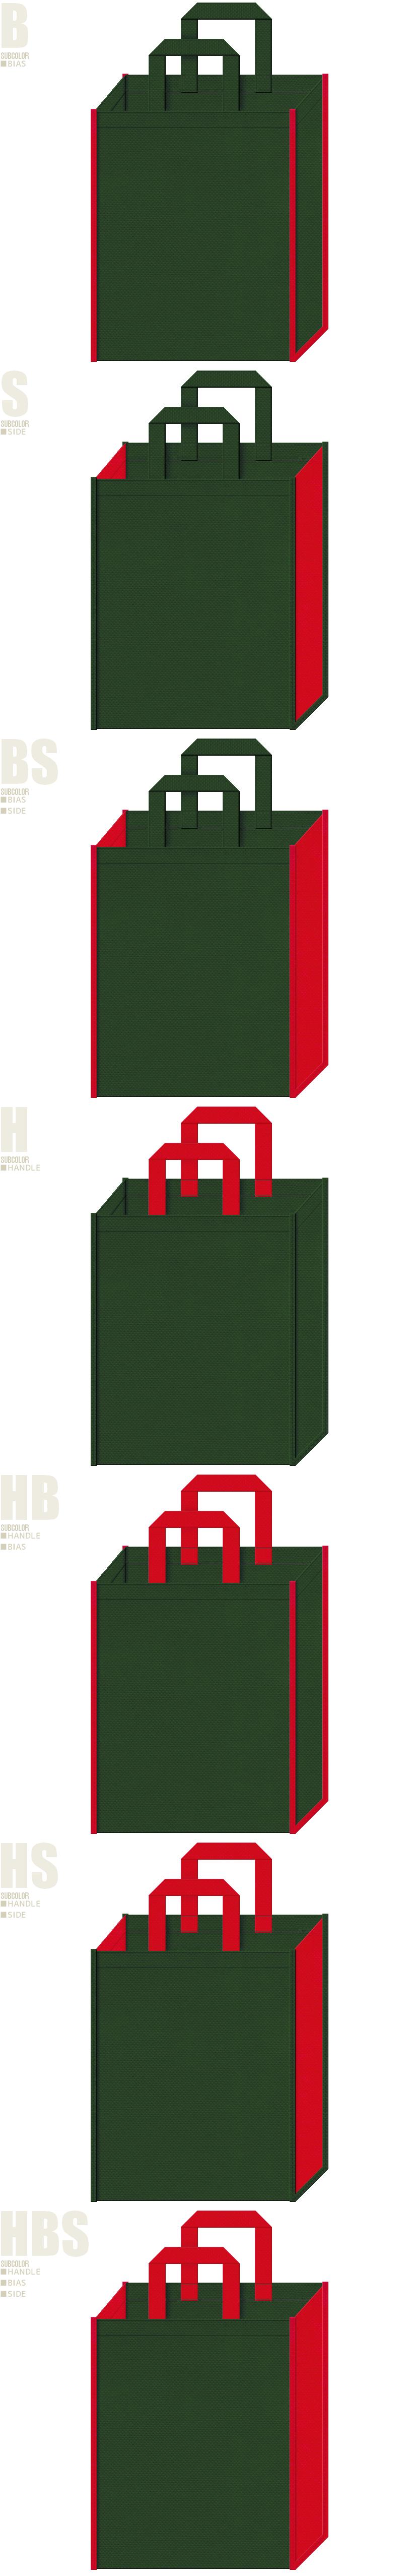 五月人形・端午の節句・鎧・兜・お城イベント・救急用品・消防団・クリスマス・バーナー・コンロ・登山・キャンプ・アウトドア用品の展示会用バッグにお奨めの不織布バッグデザイン:濃緑色と紅色の配色7パターン